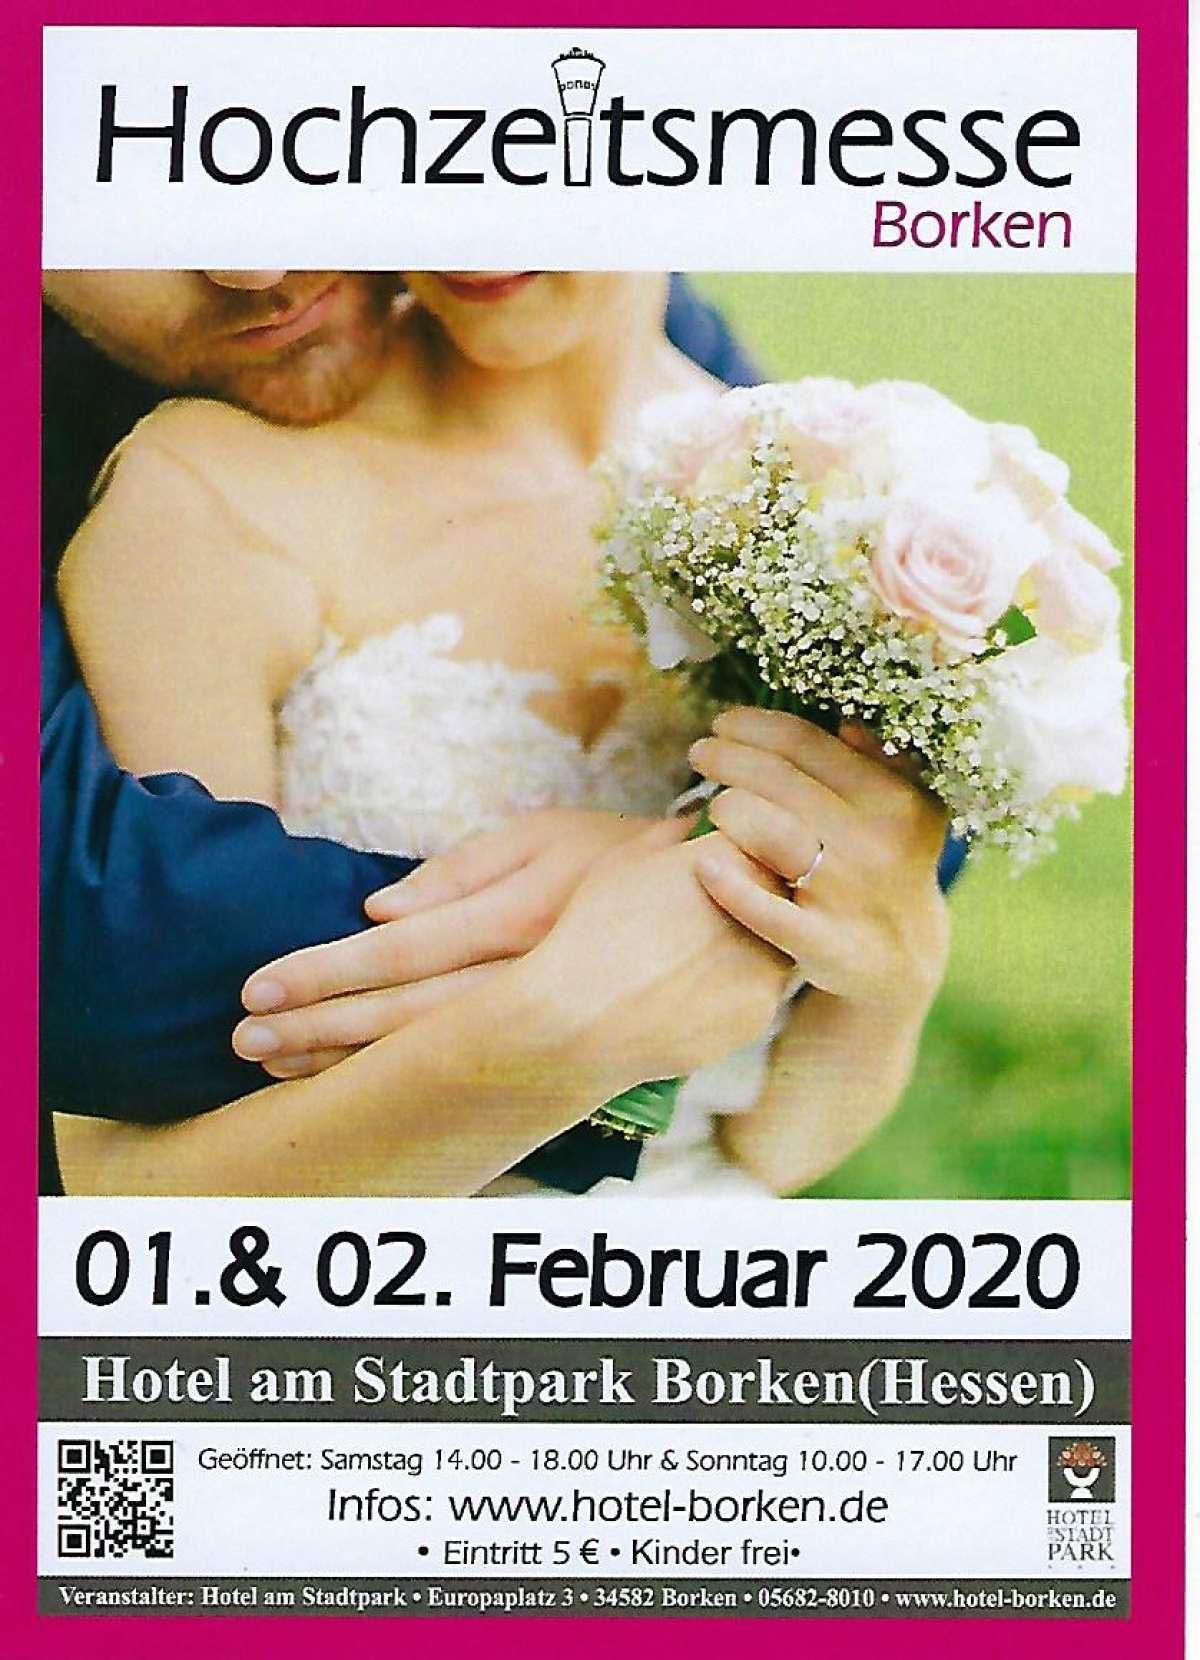 Hochzeitsmesse - Hotel am Stadtpark Borken - Borken (Hessen)